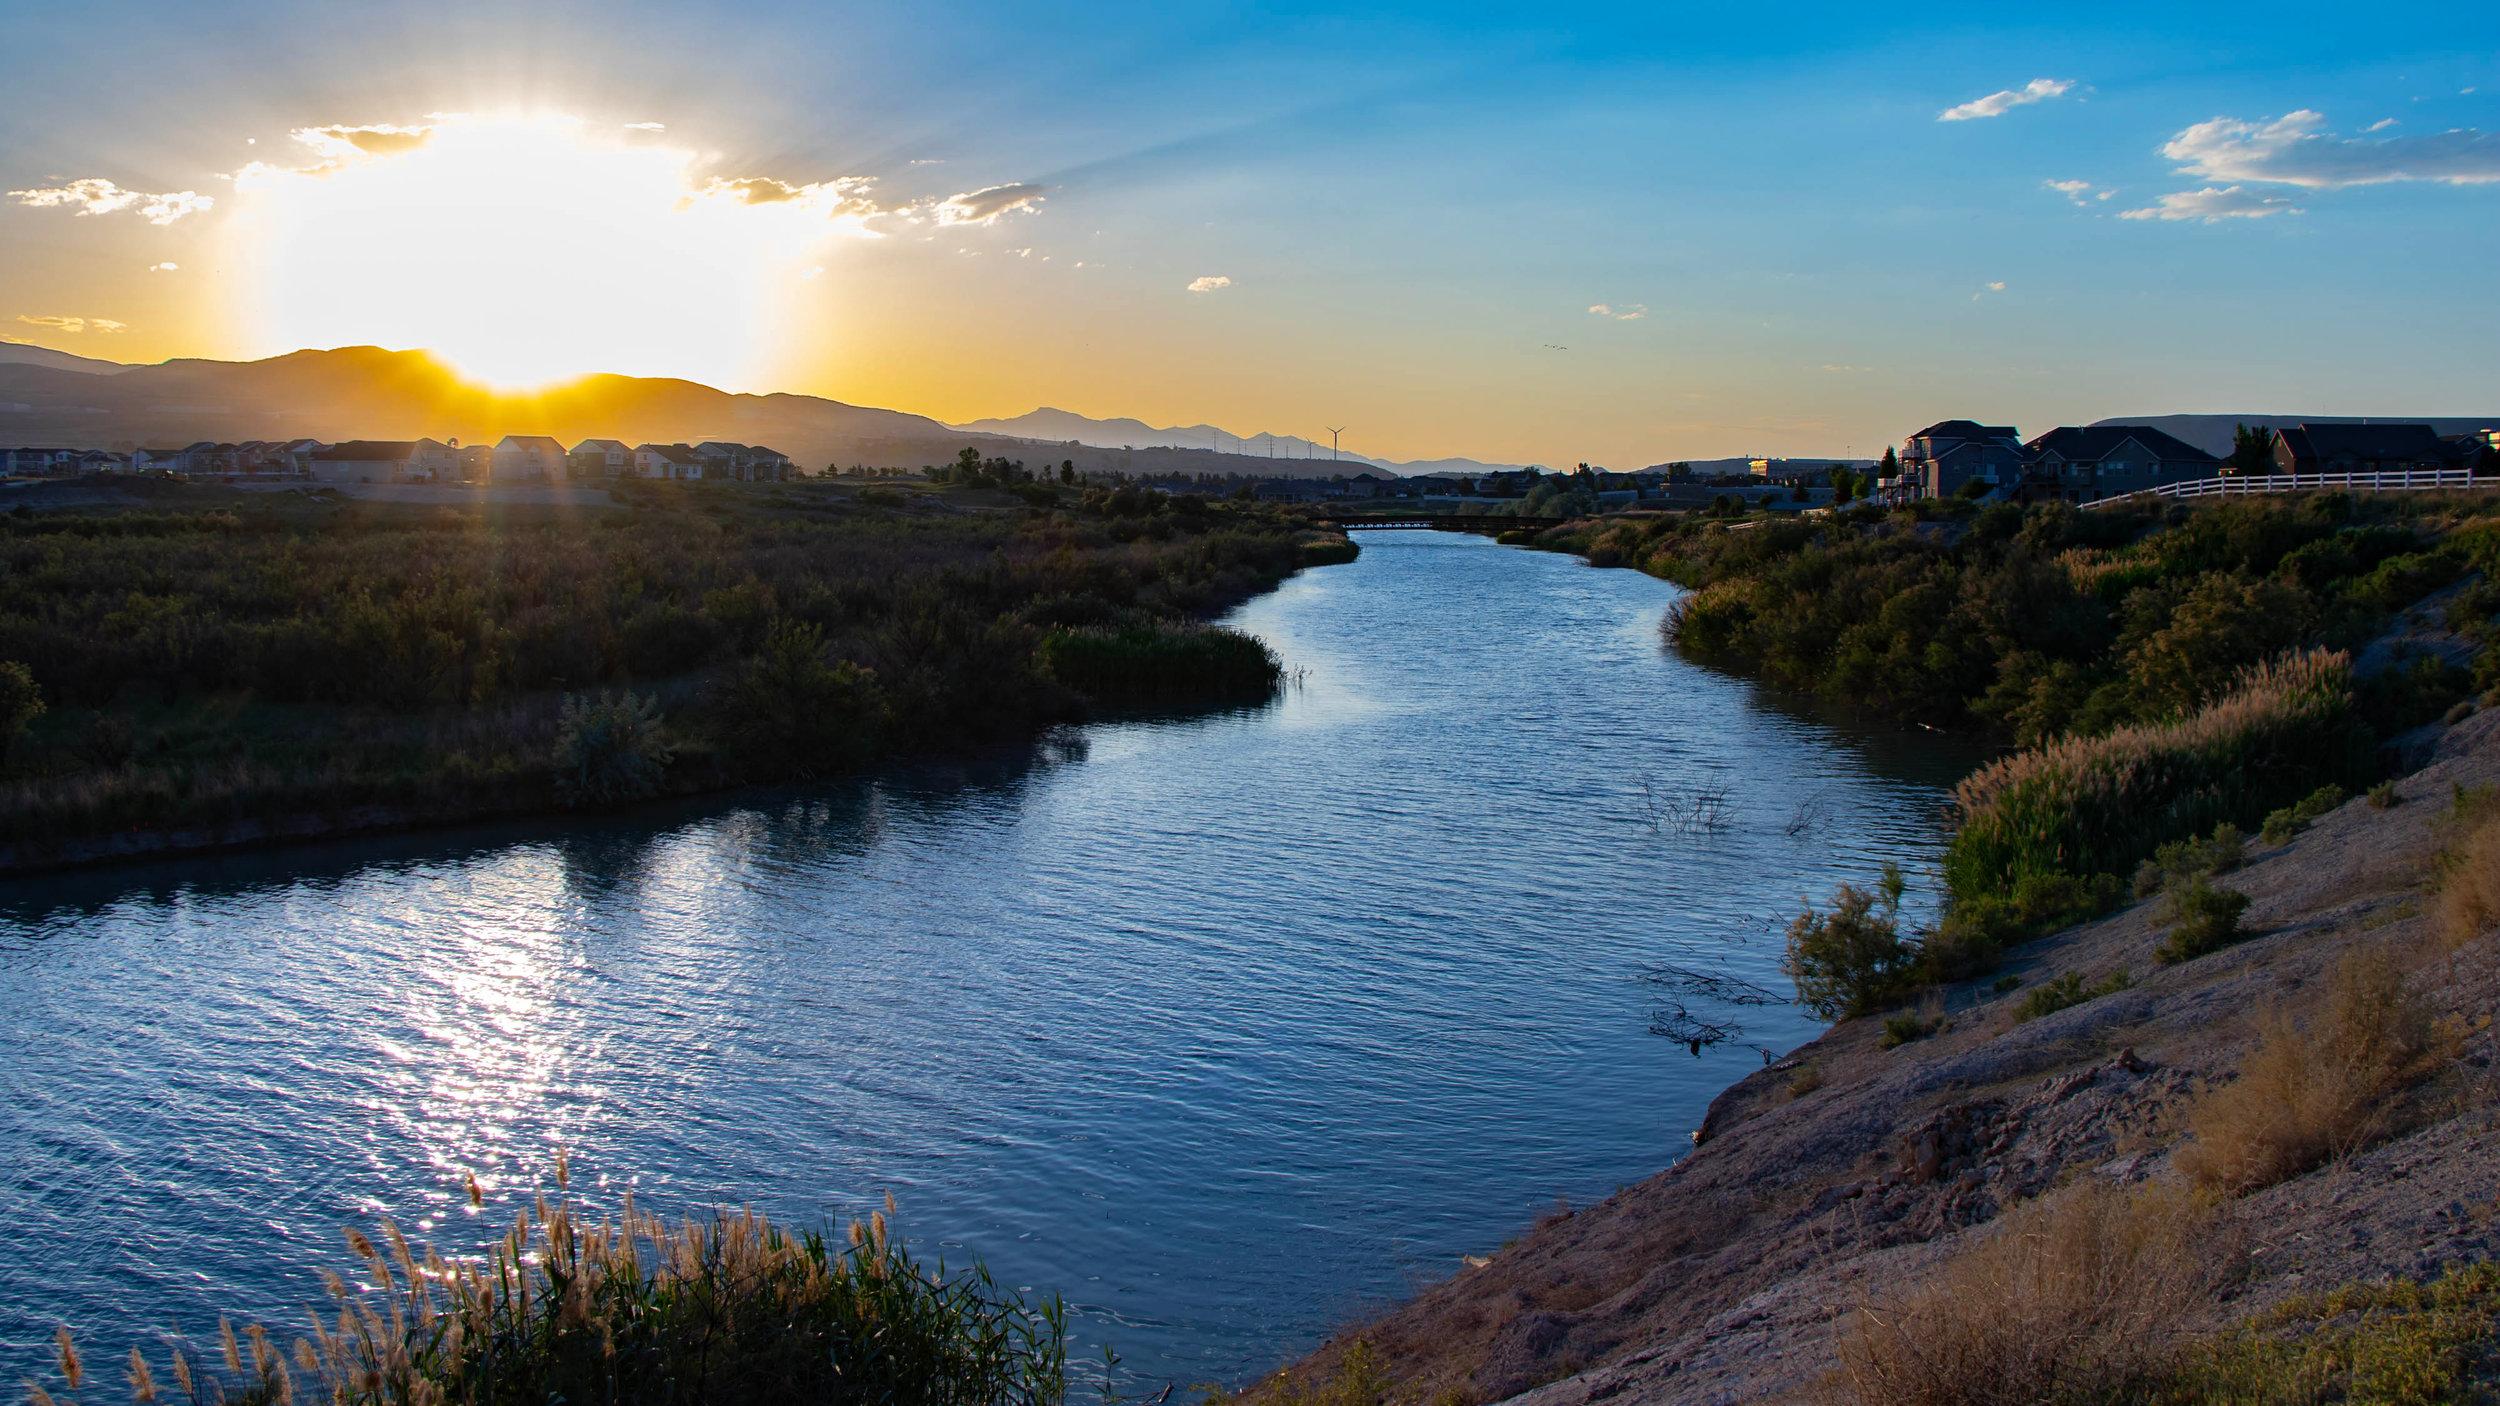 2019-01-01 Jordan River Sunset.jpg